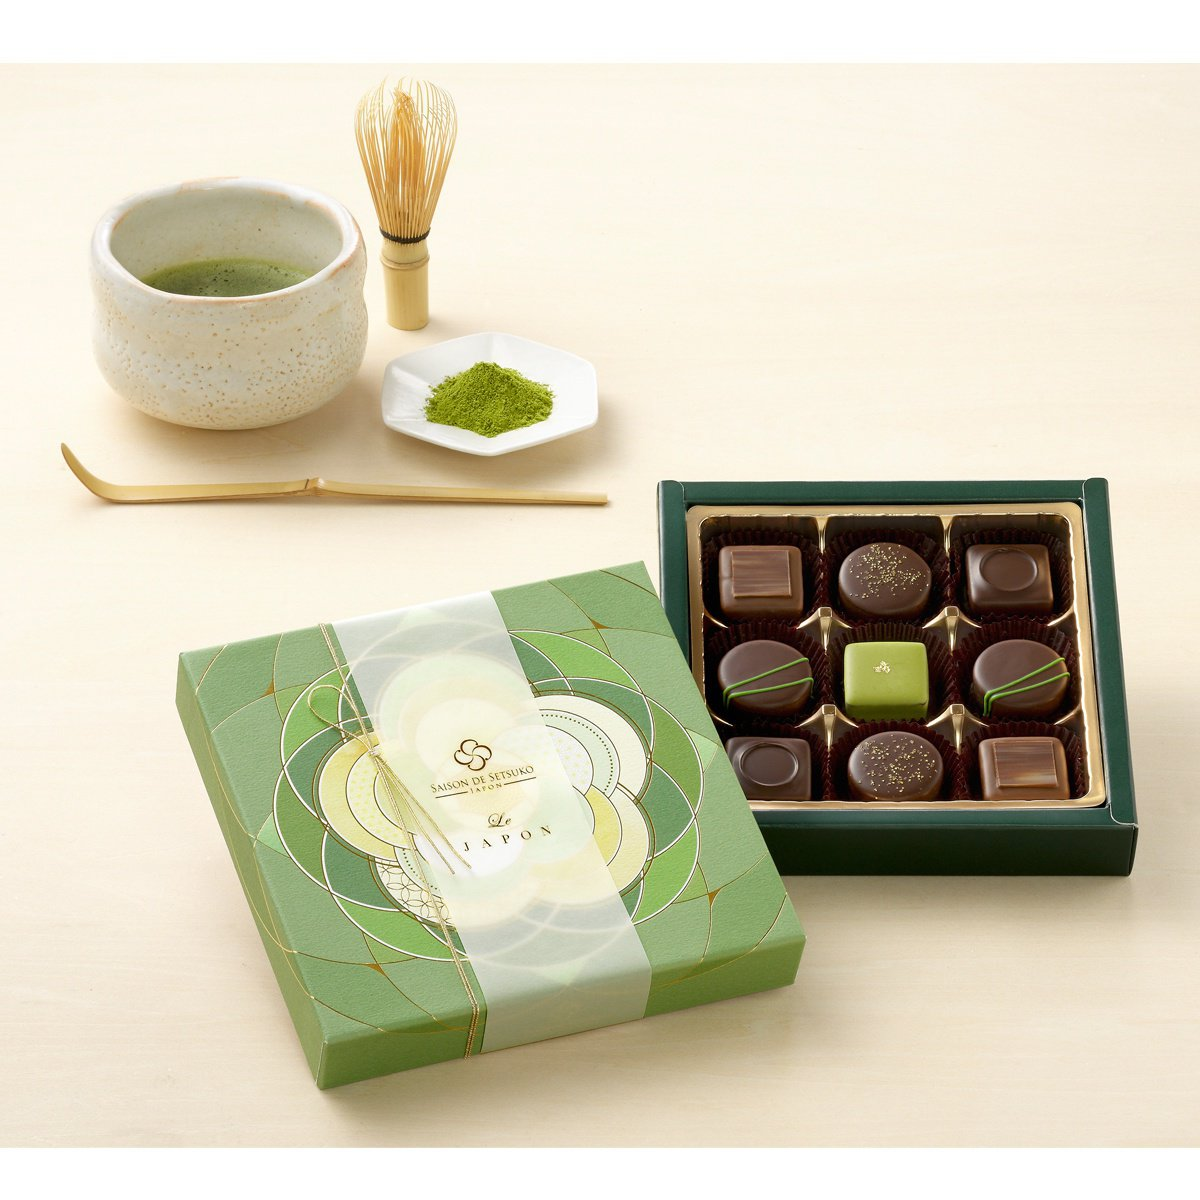 セゾン ド セツコの日本茶のショコラ